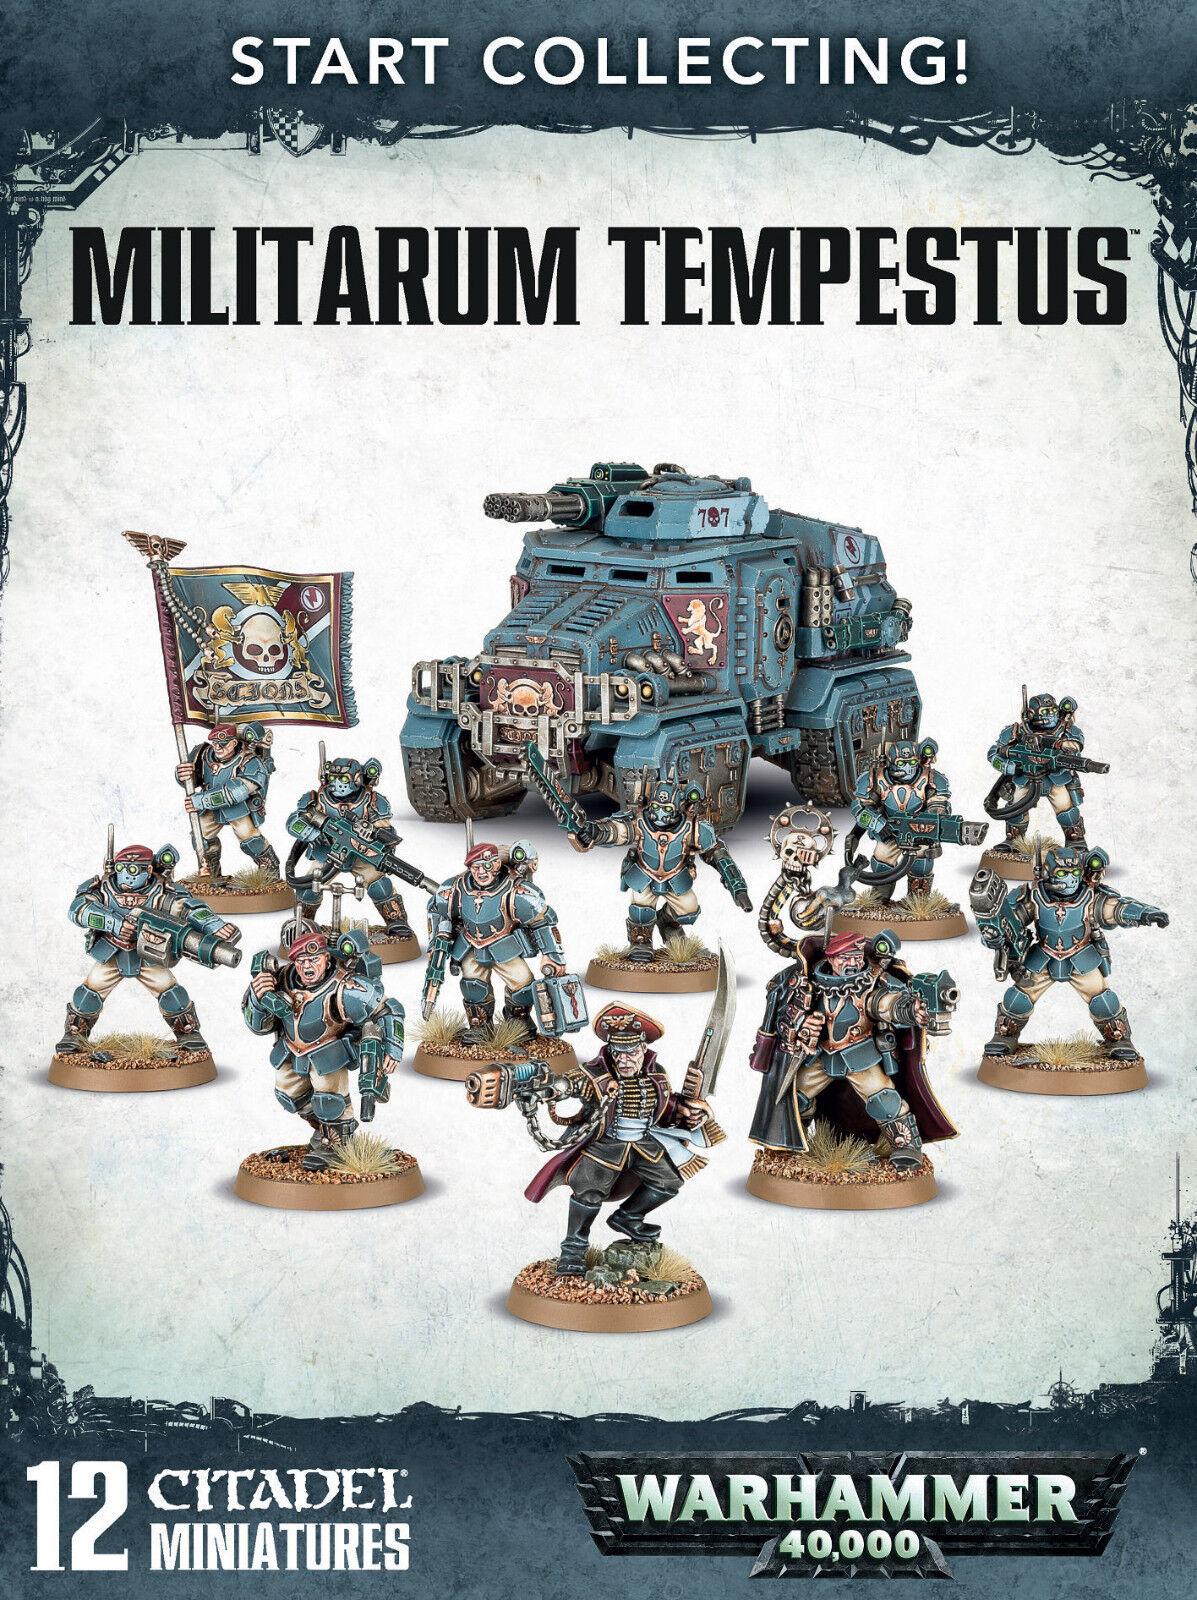 Estrellat Collecting  Militarum Tempestus Scions Warhammer 40k nuovo  qualità di prima classe